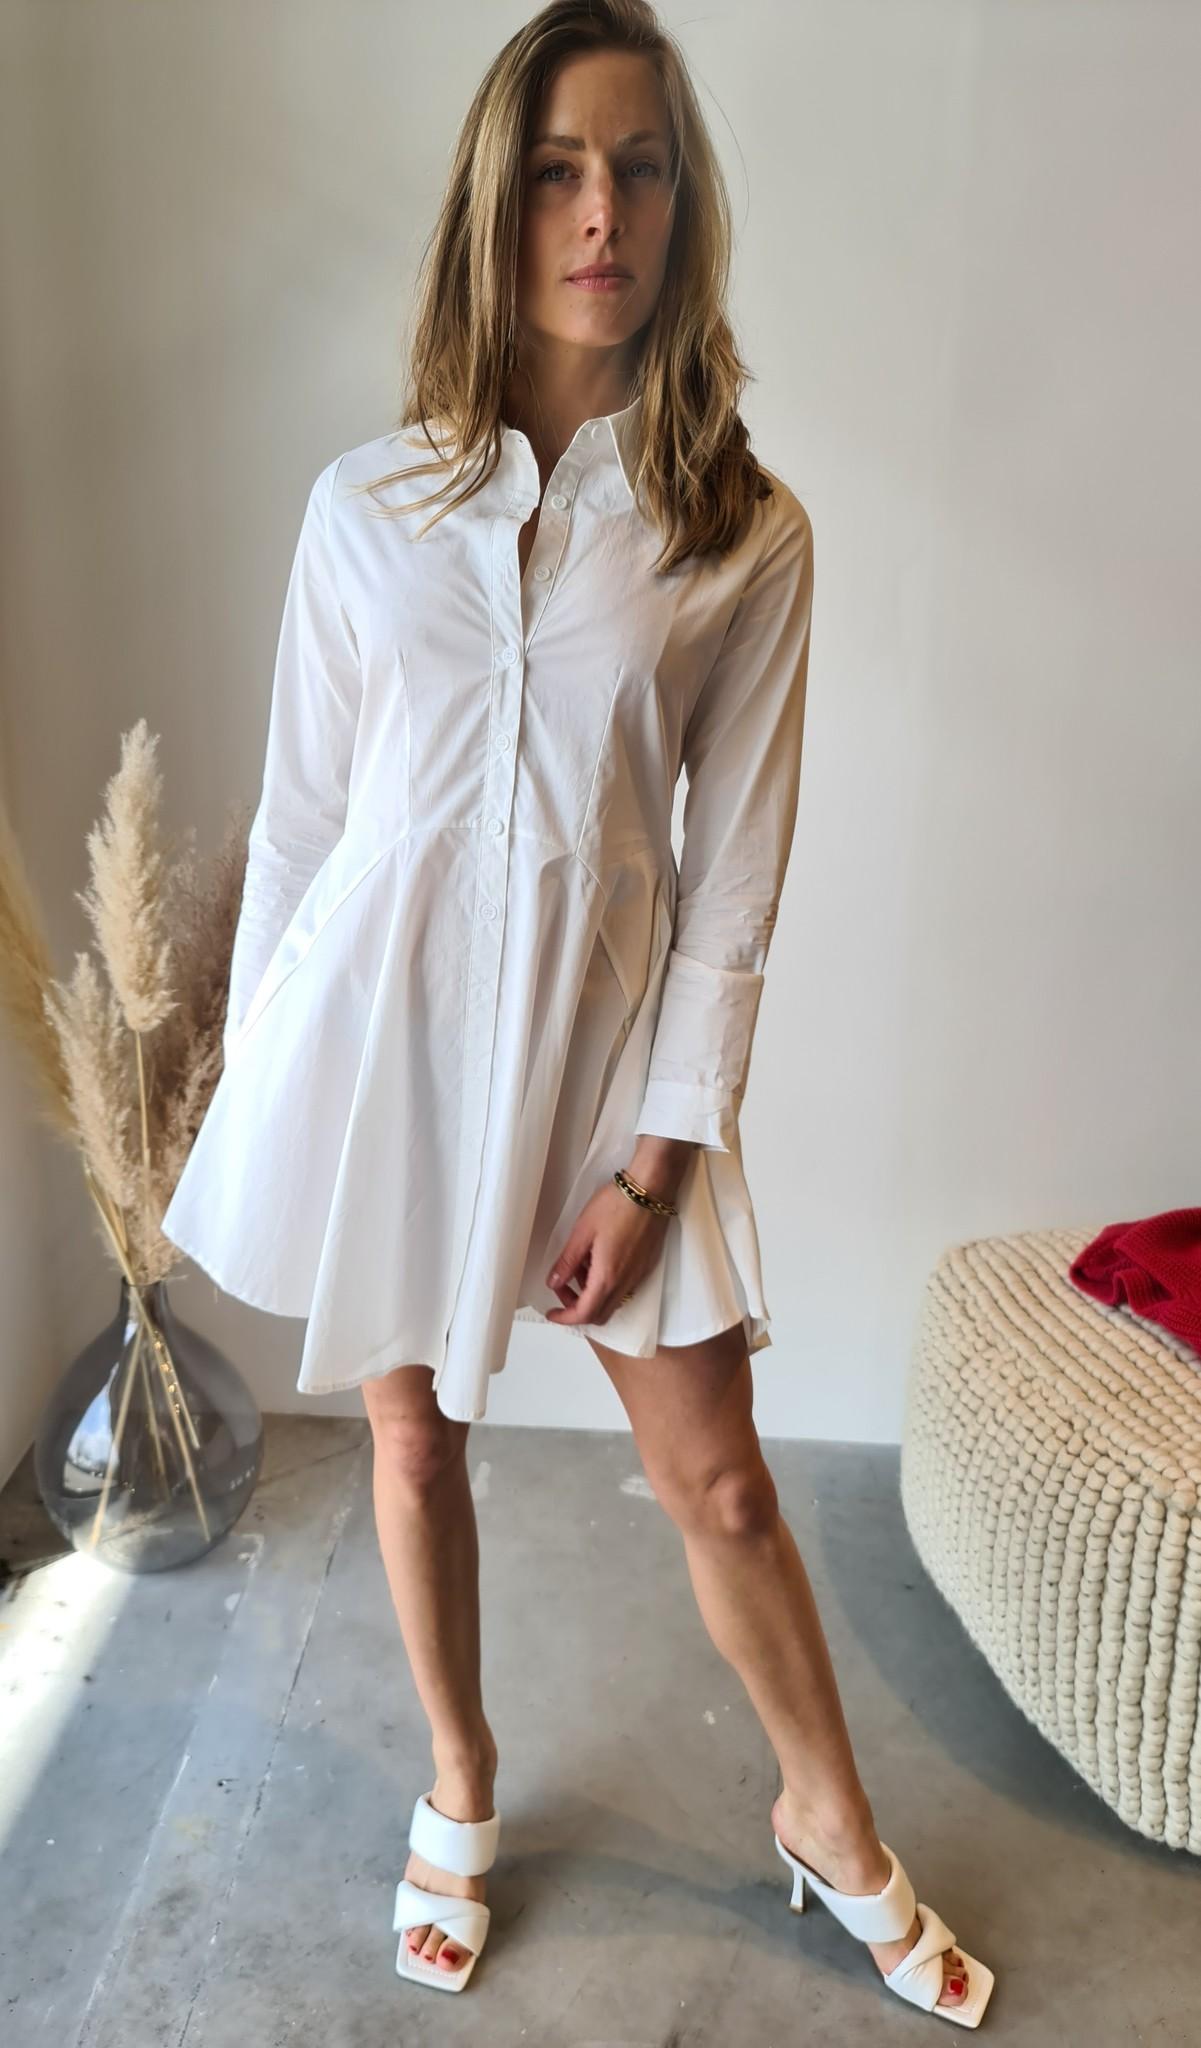 ROBIN robe-5